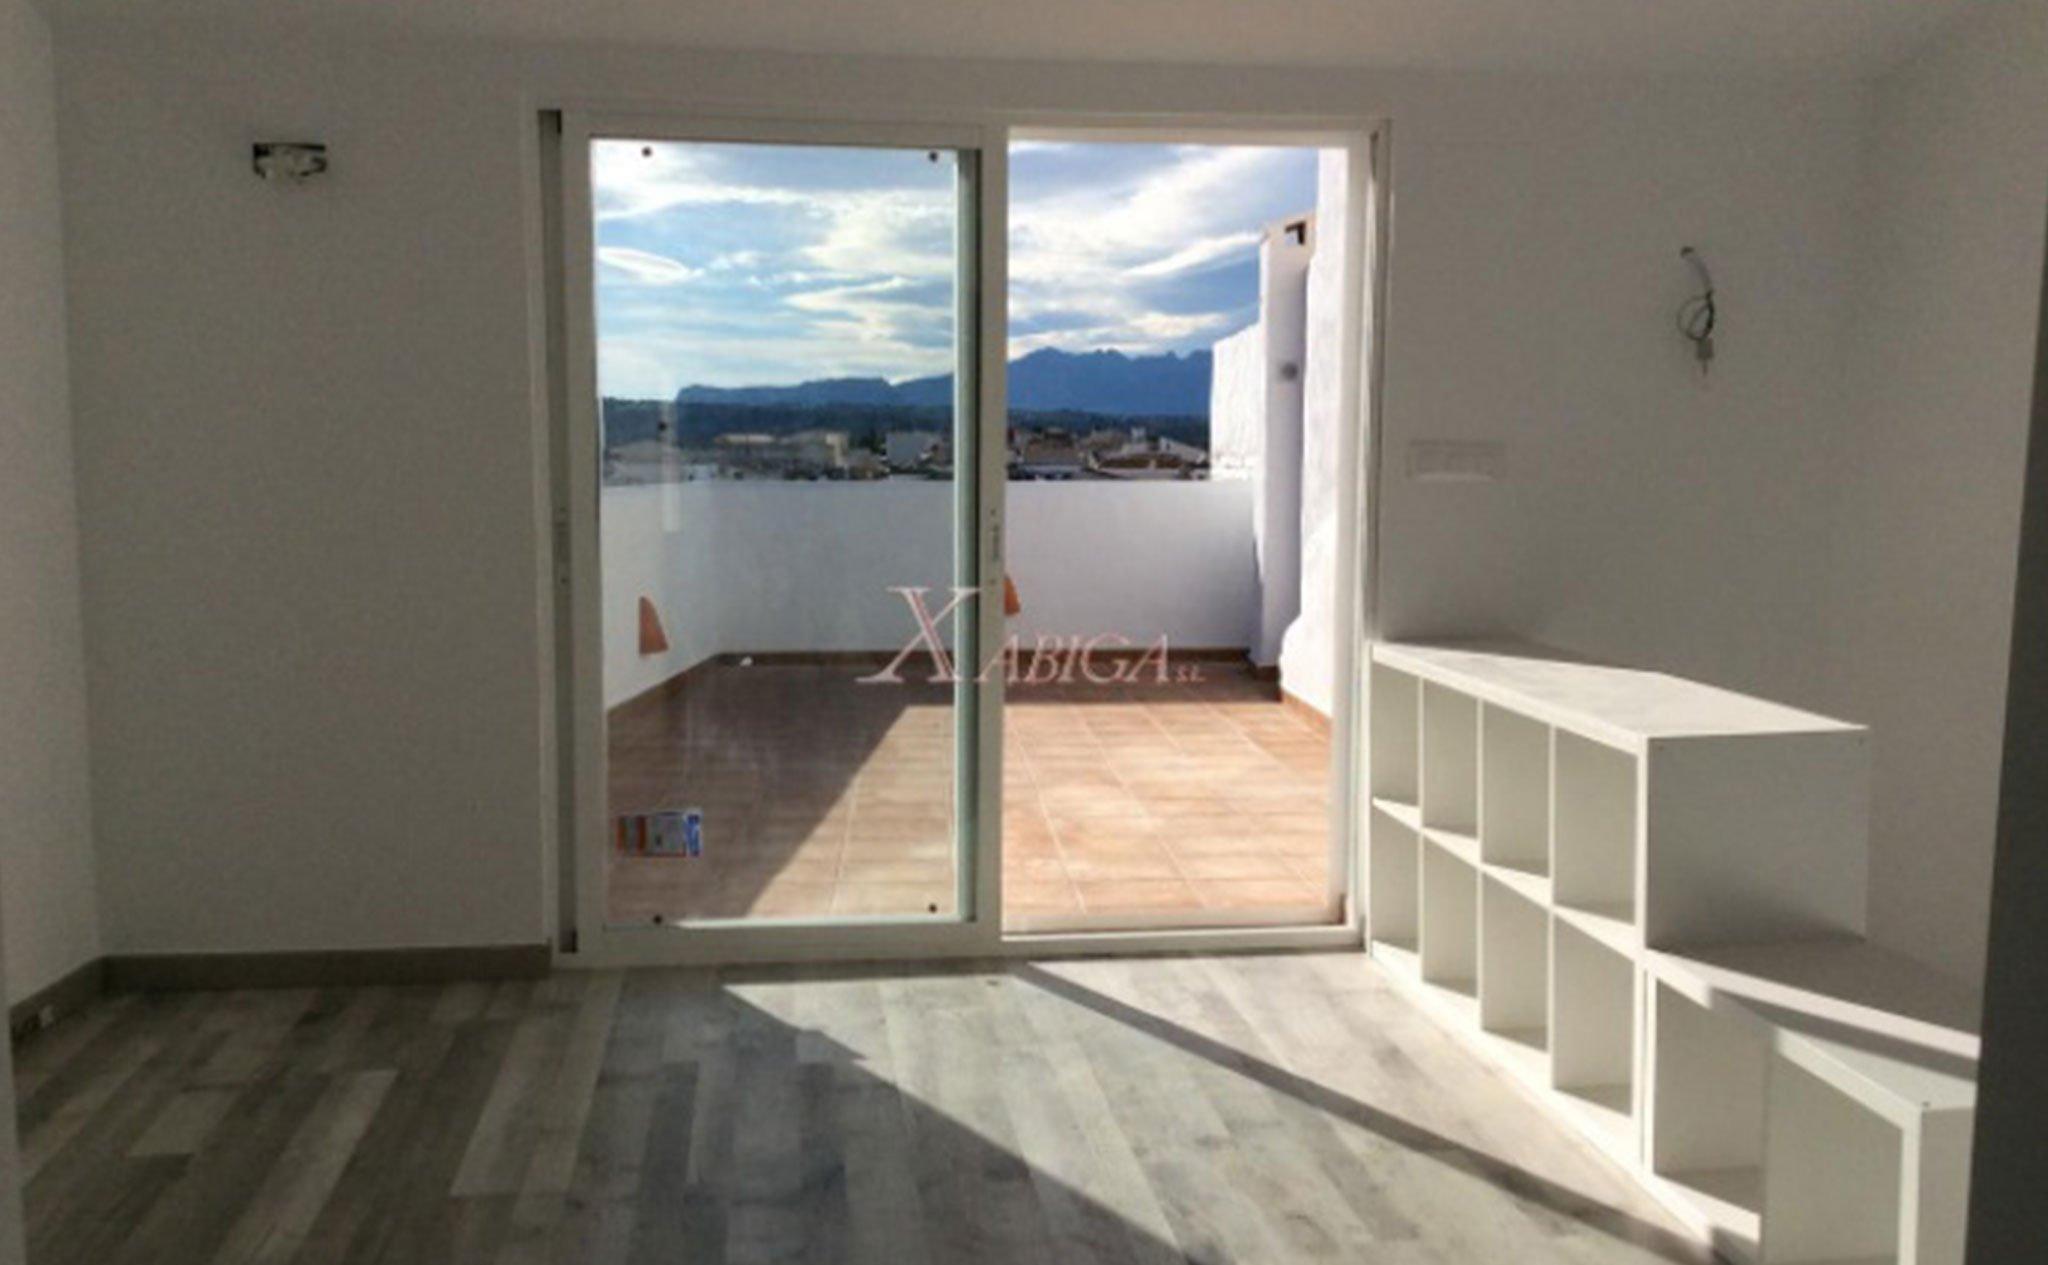 Salida a la terraza de una casa de pueblo en venta en Benitatxell – Xabiga Inmobiliaria